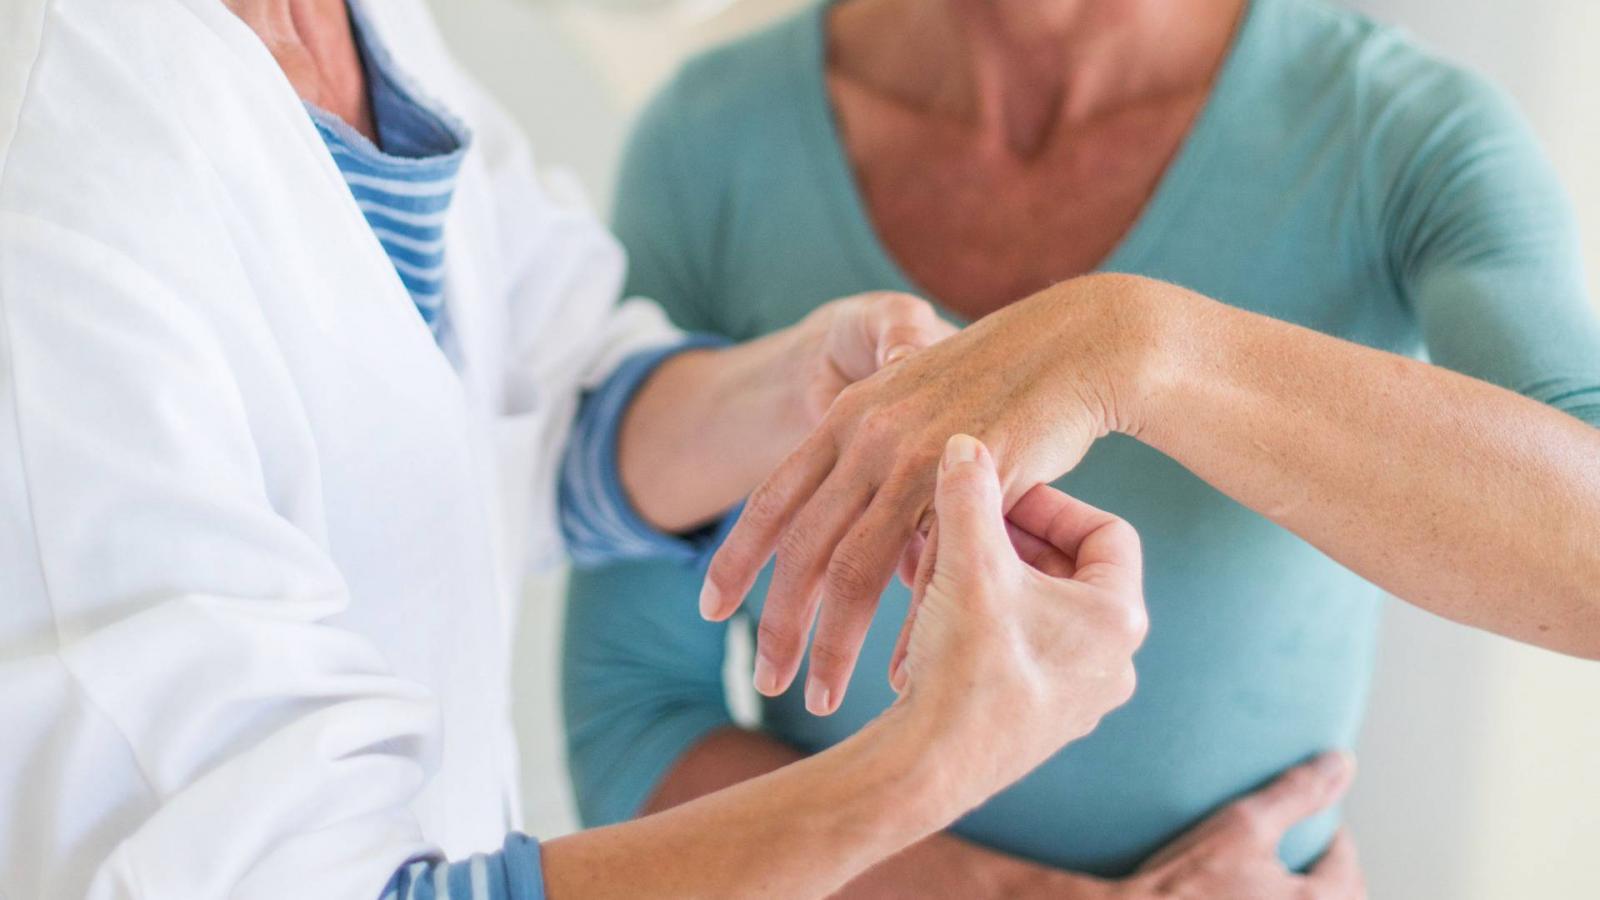 az ujjízület ízületi gyulladása sérülés után